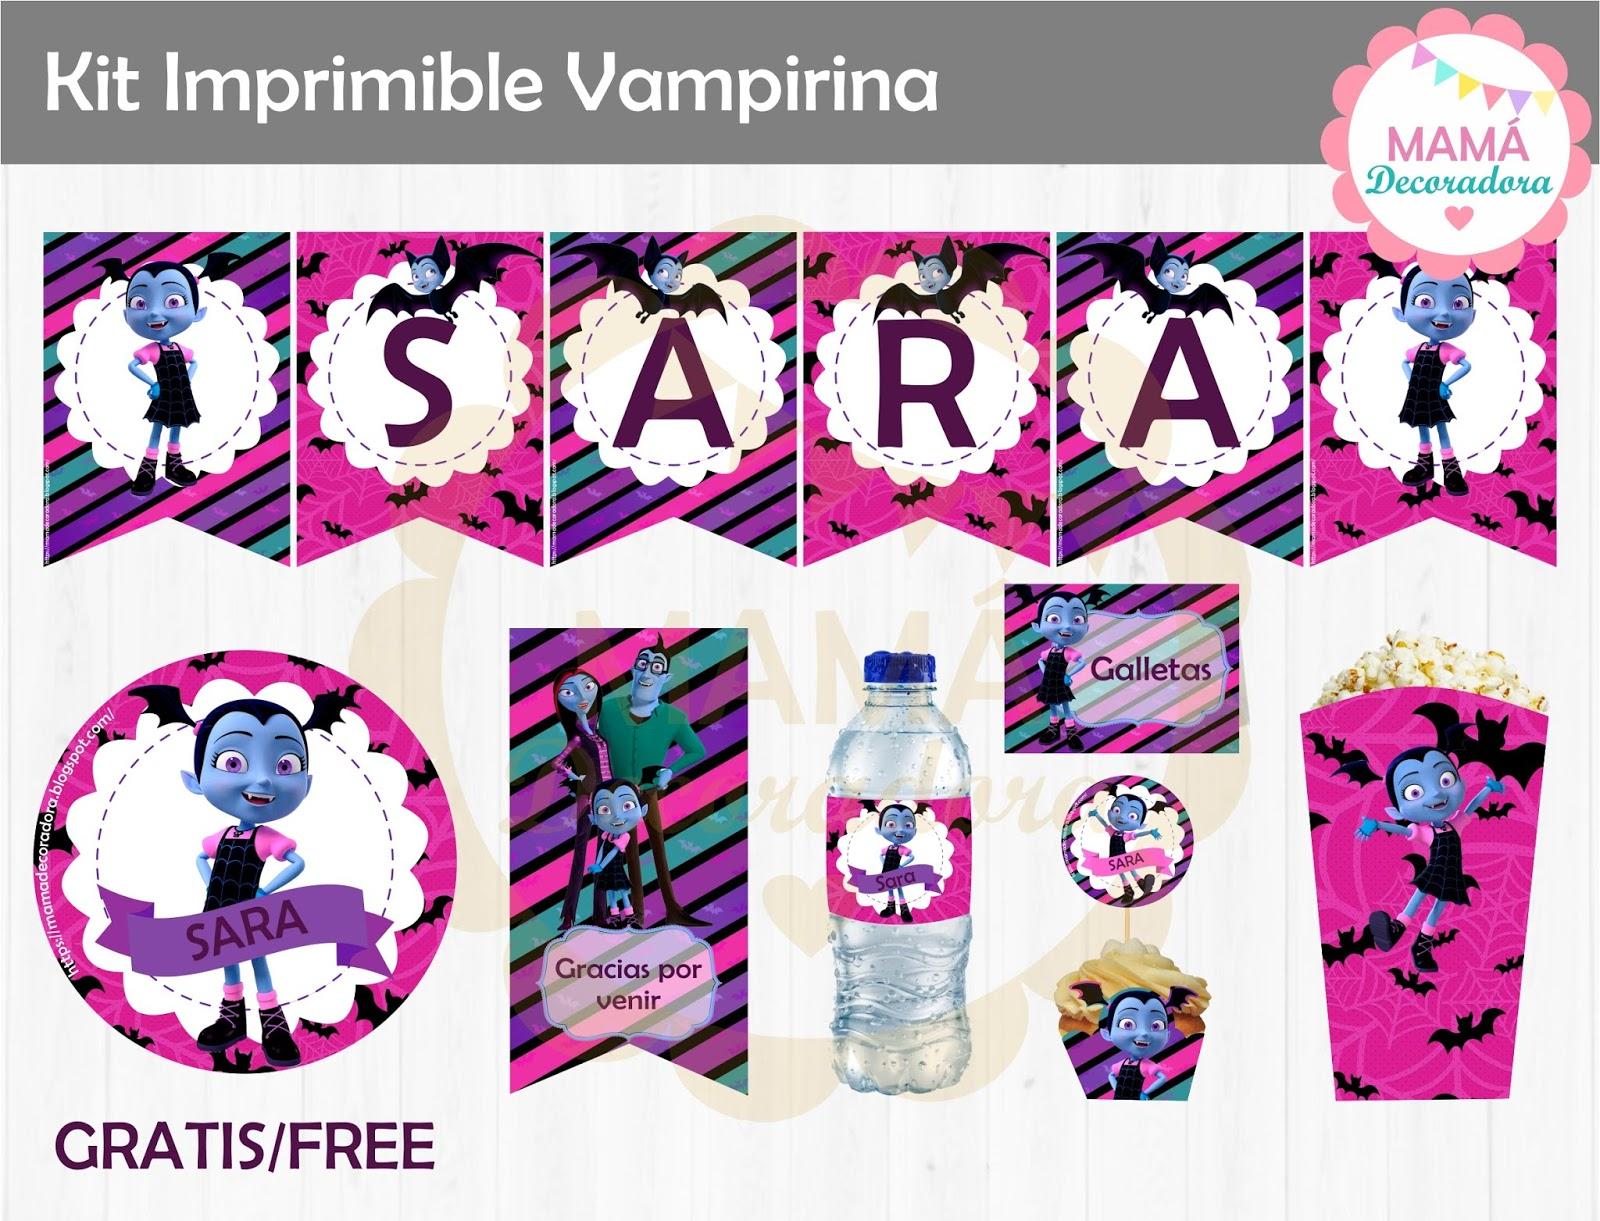 Mamá Decoradora Kit Imprimible Vampirina Gratis